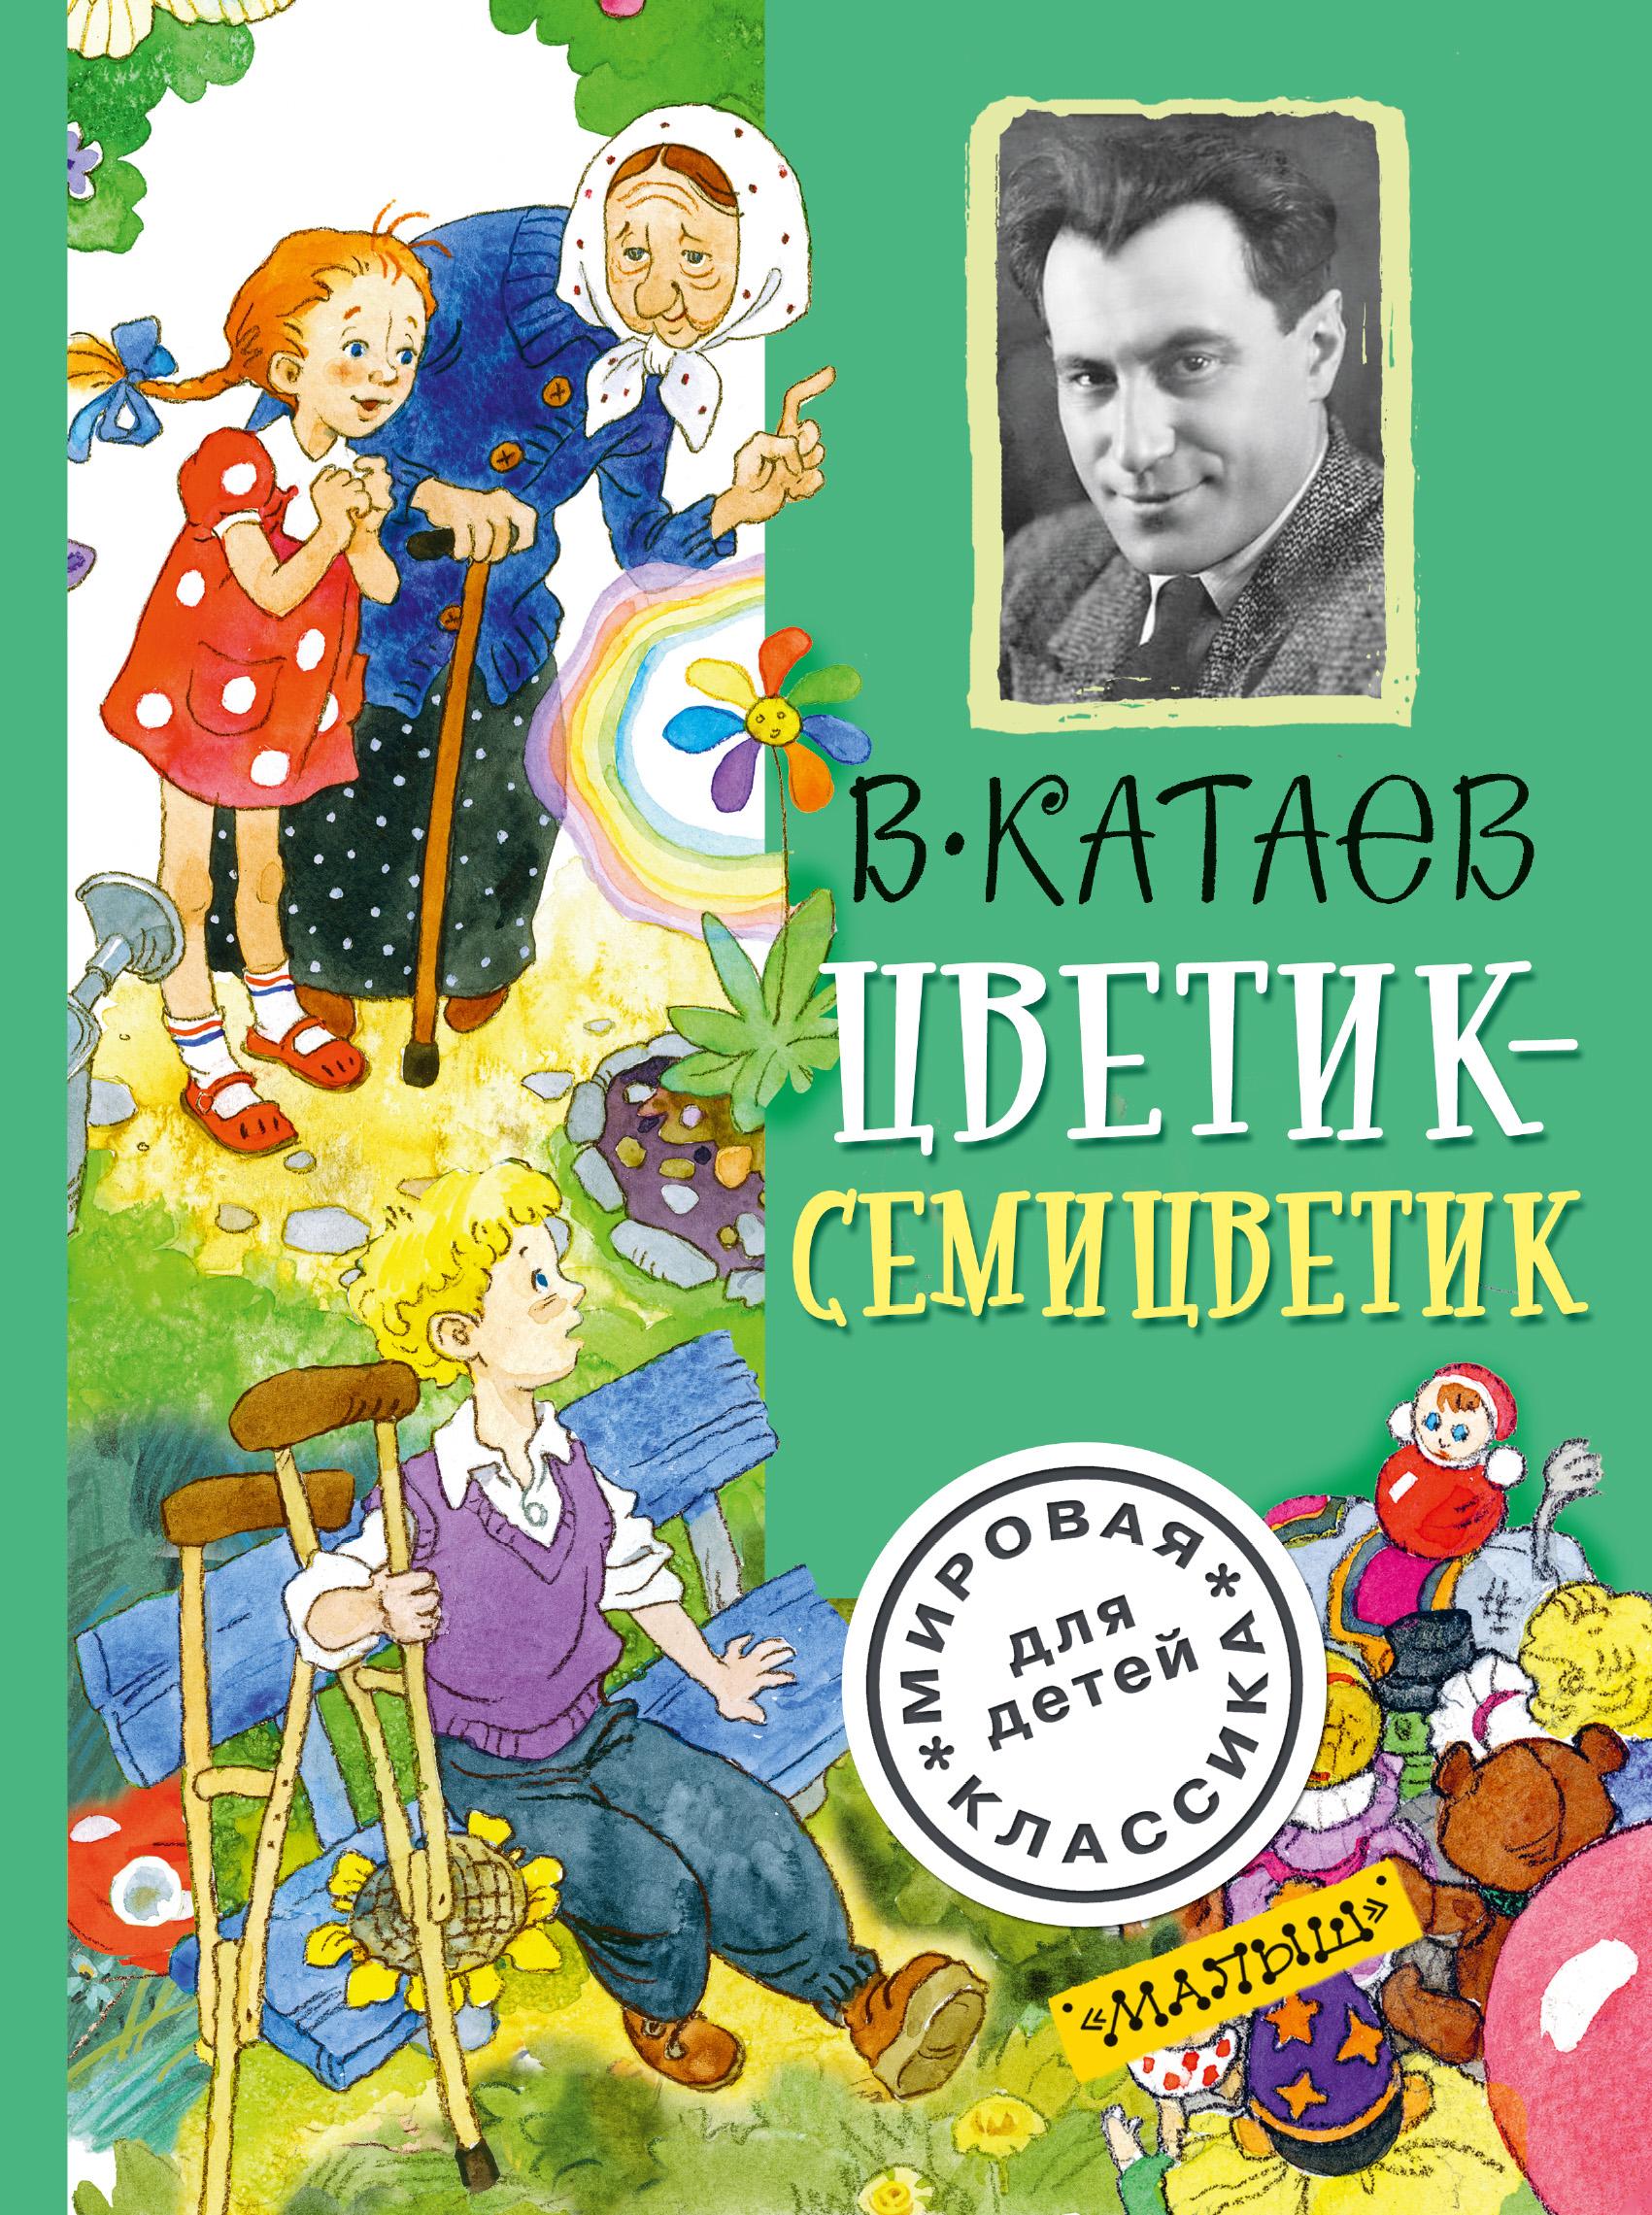 Валентин Катаев Цветик-семицветик (сборник) валентин катаев спящий